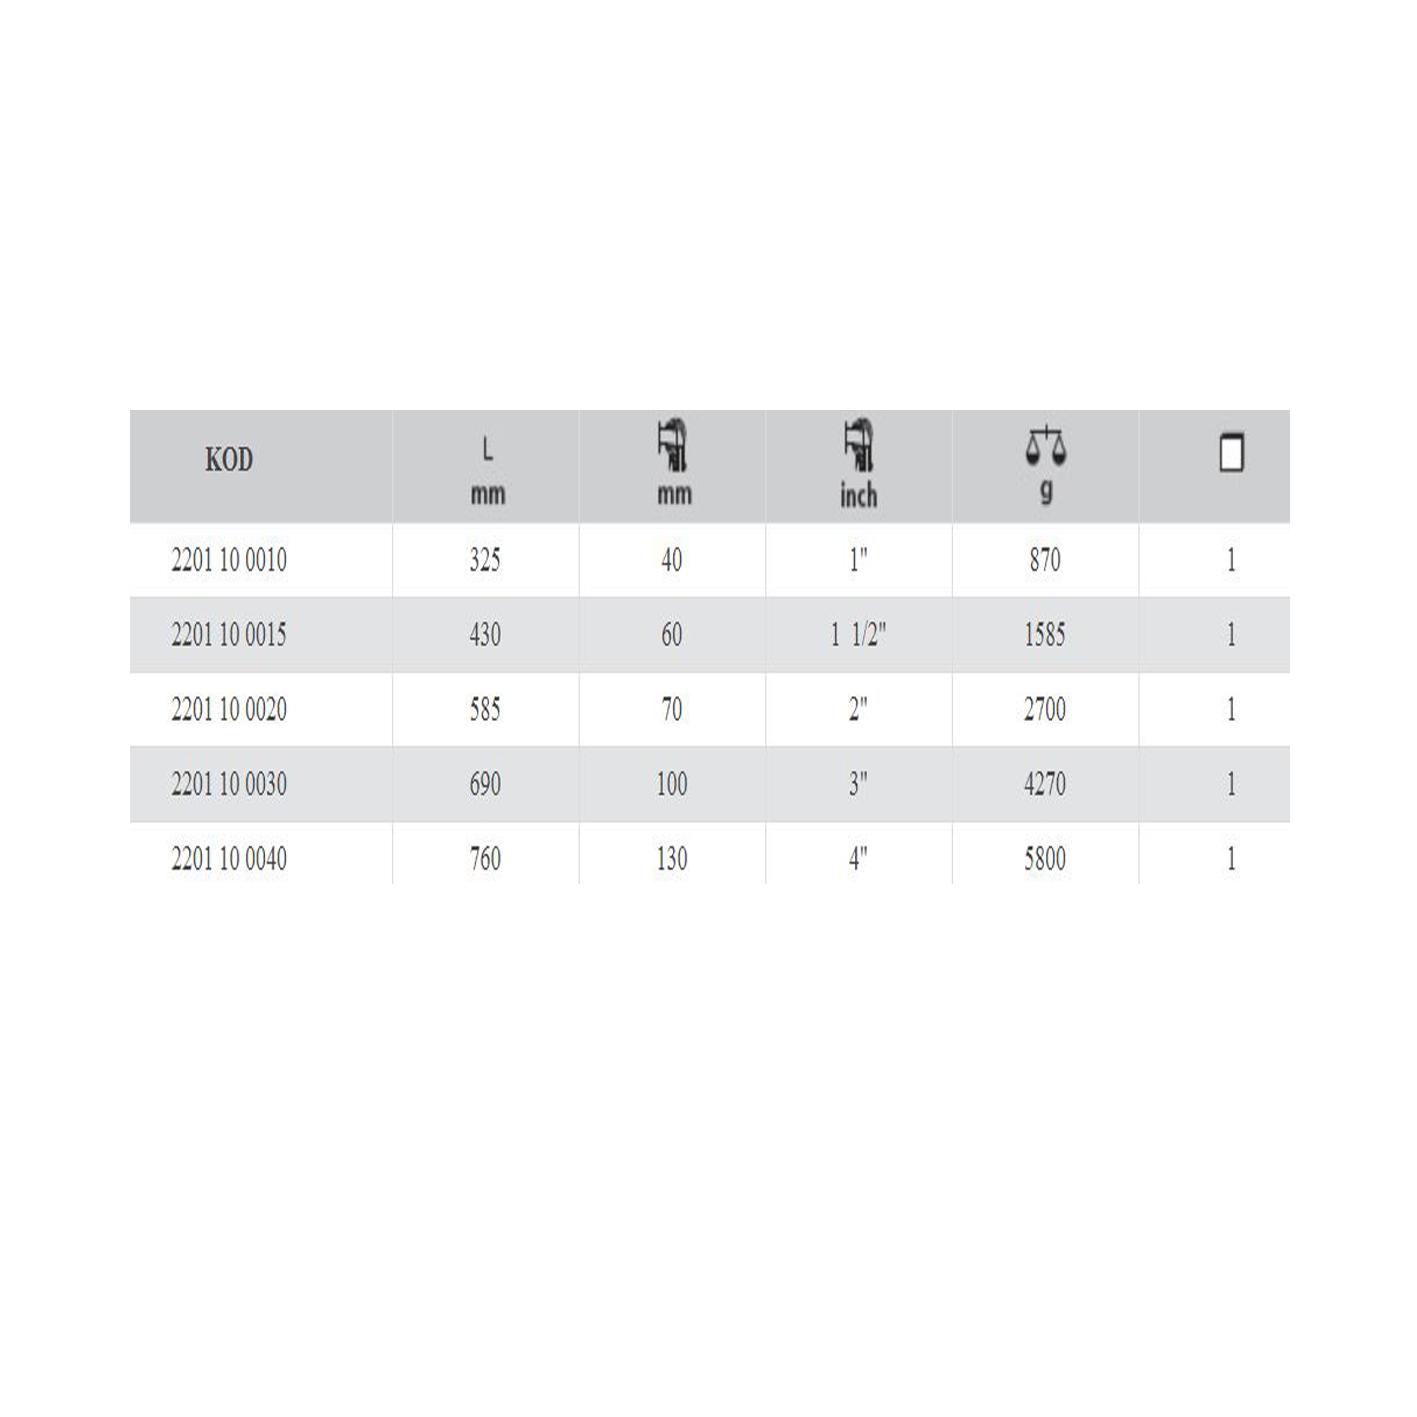 İzeltaş 3 İnç Maşalı Boru Anahtarı (85°)